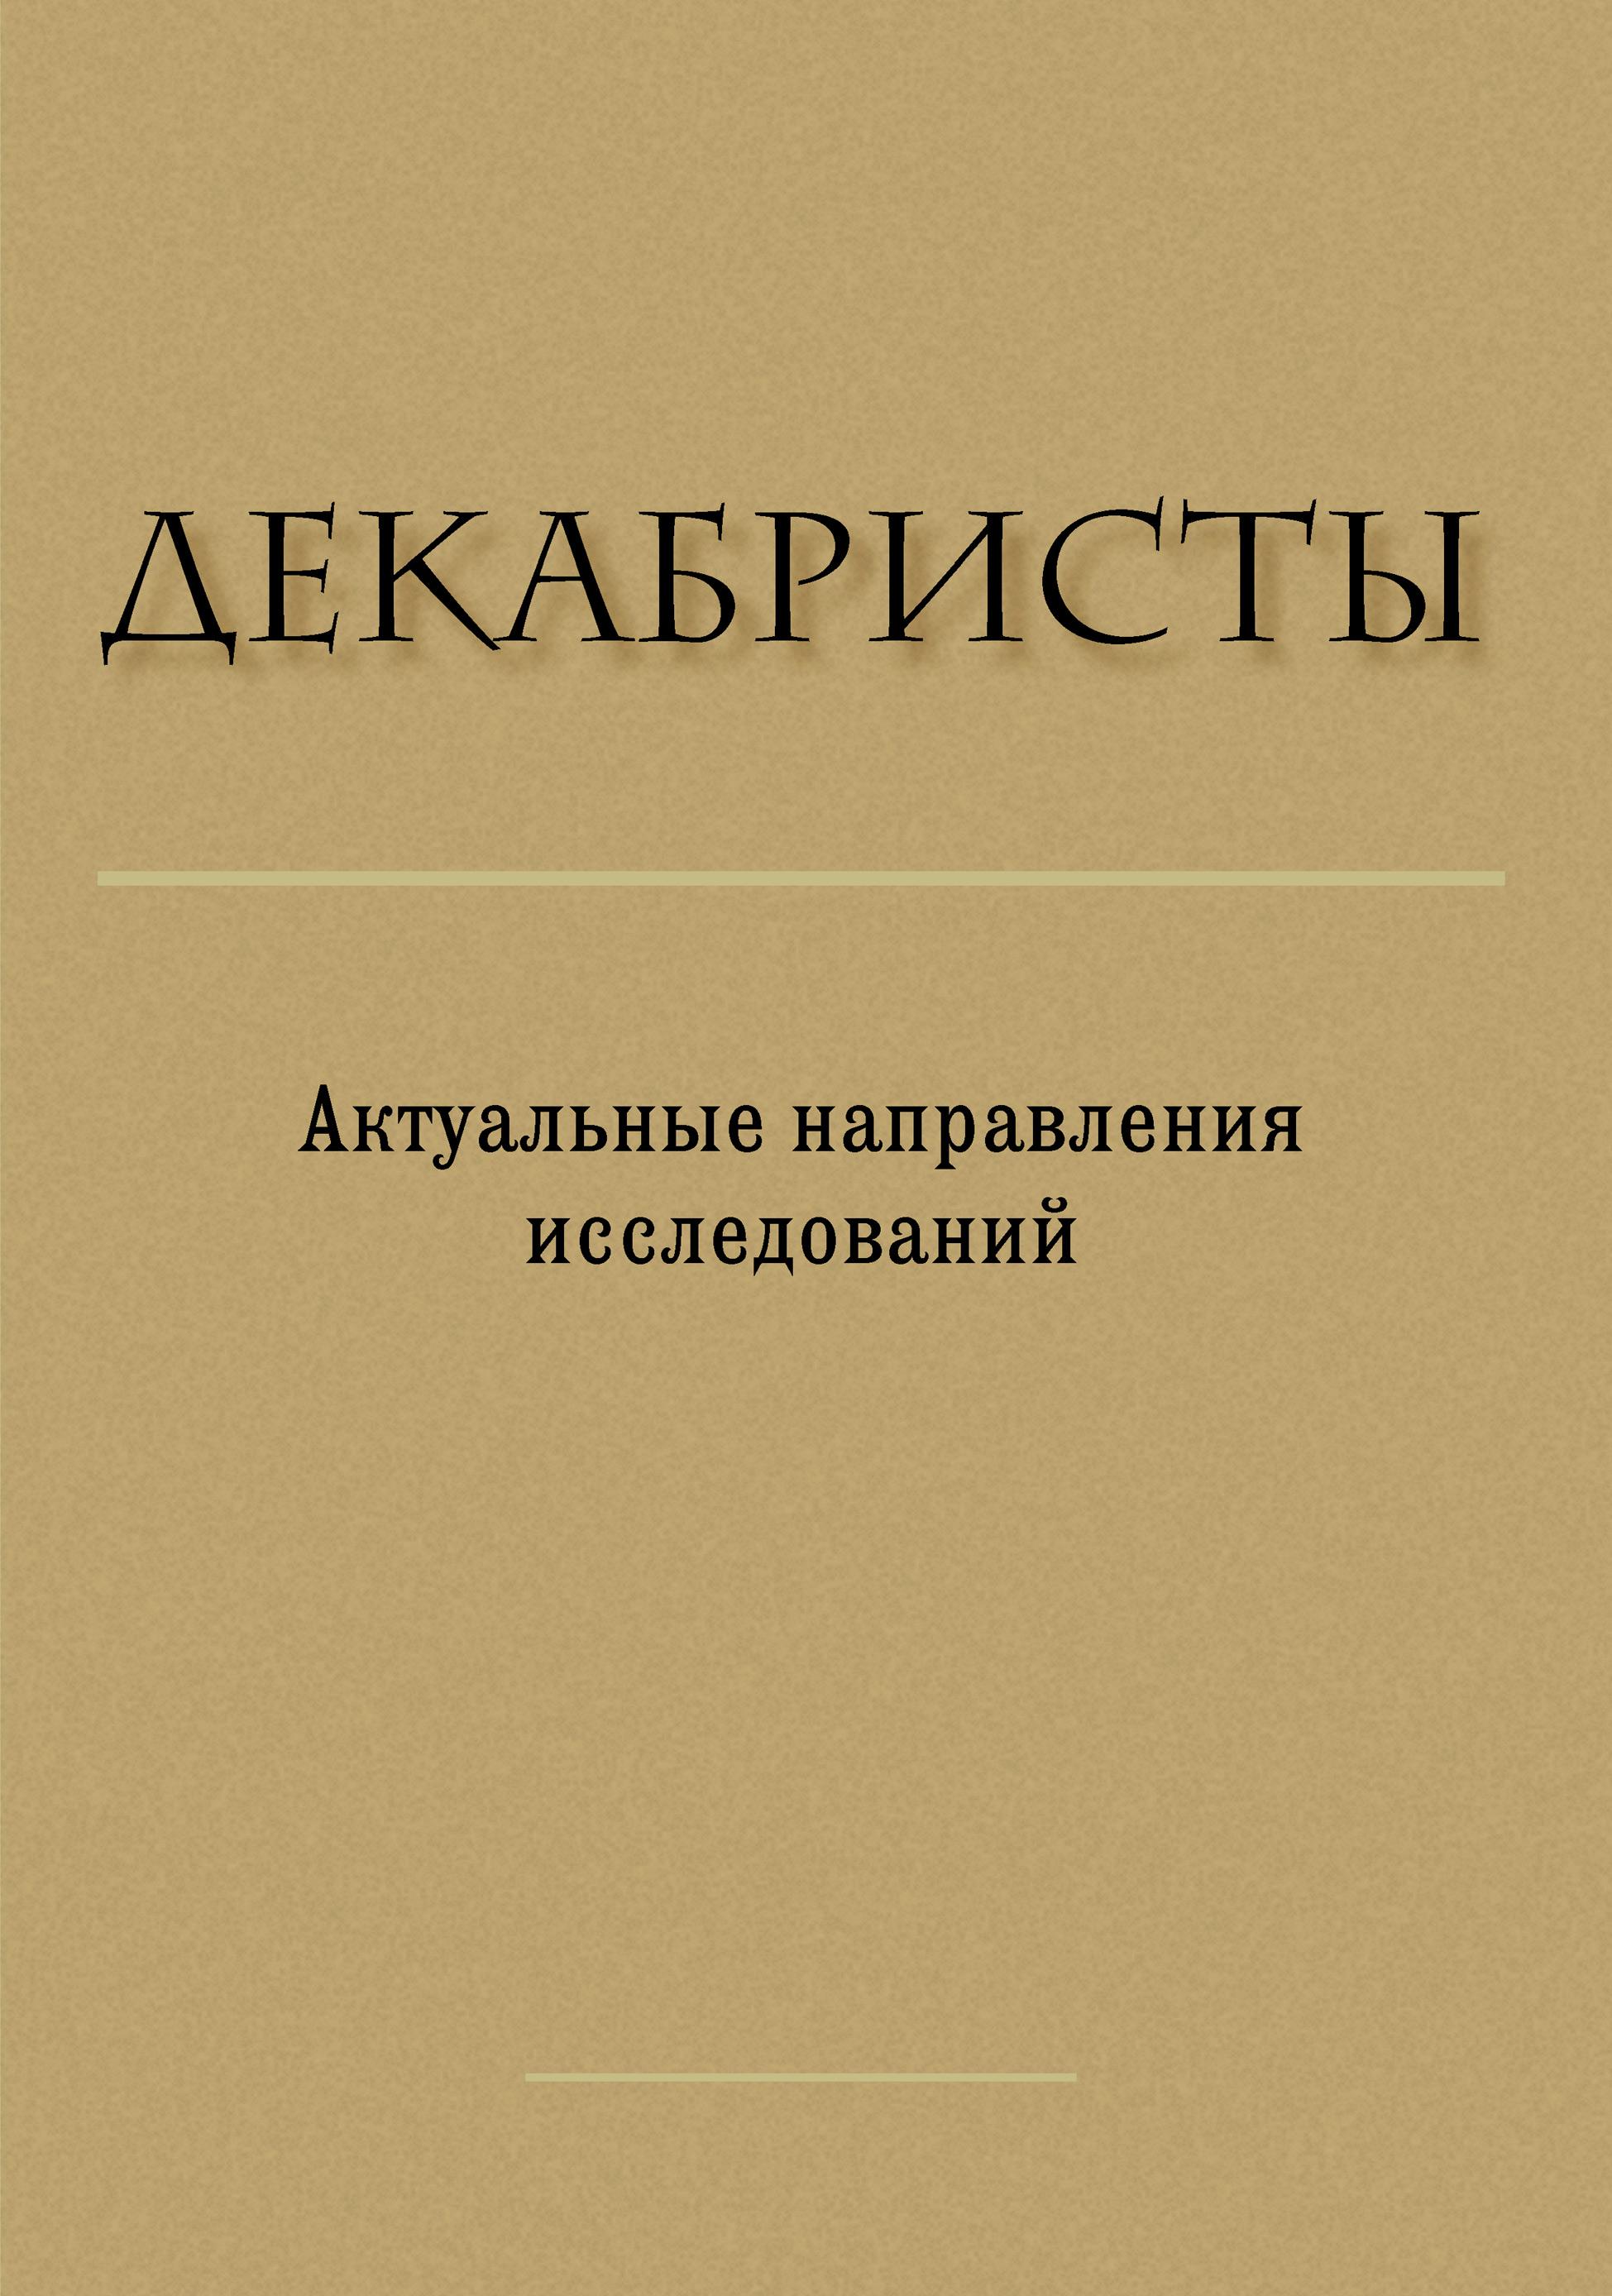 Сборник статей Декабристы. Актуальные направления исследований экскурсия по петропавловской крепости